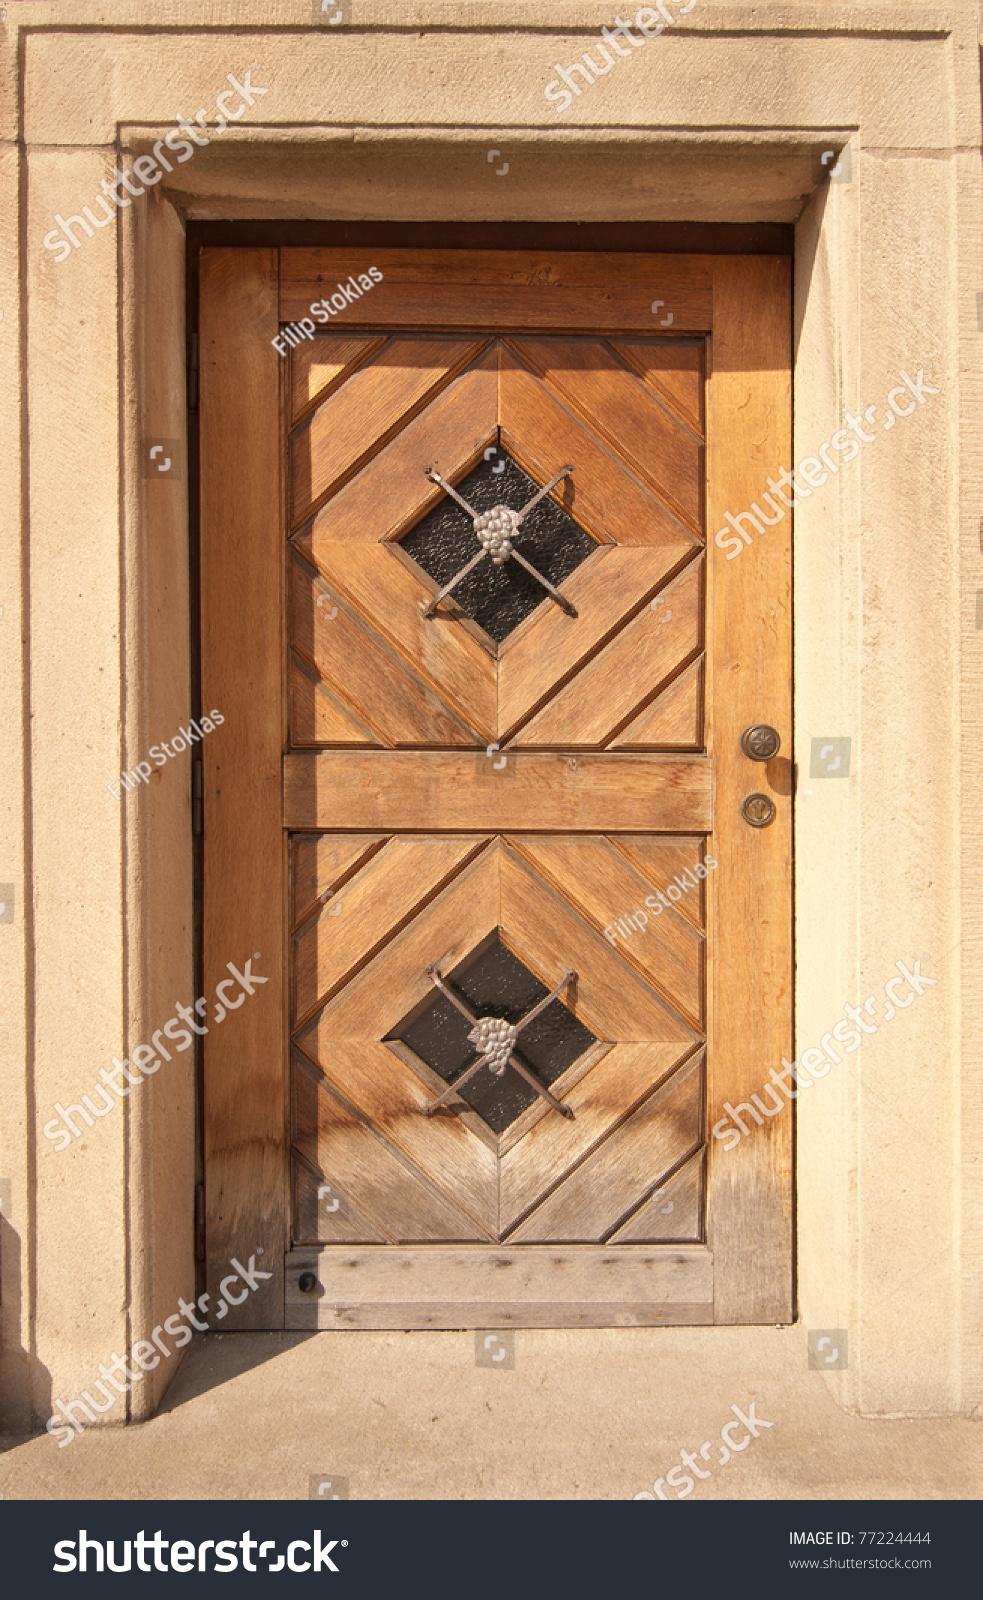 Wooden door prague czech republic stock photo 77224444 for Door z prague